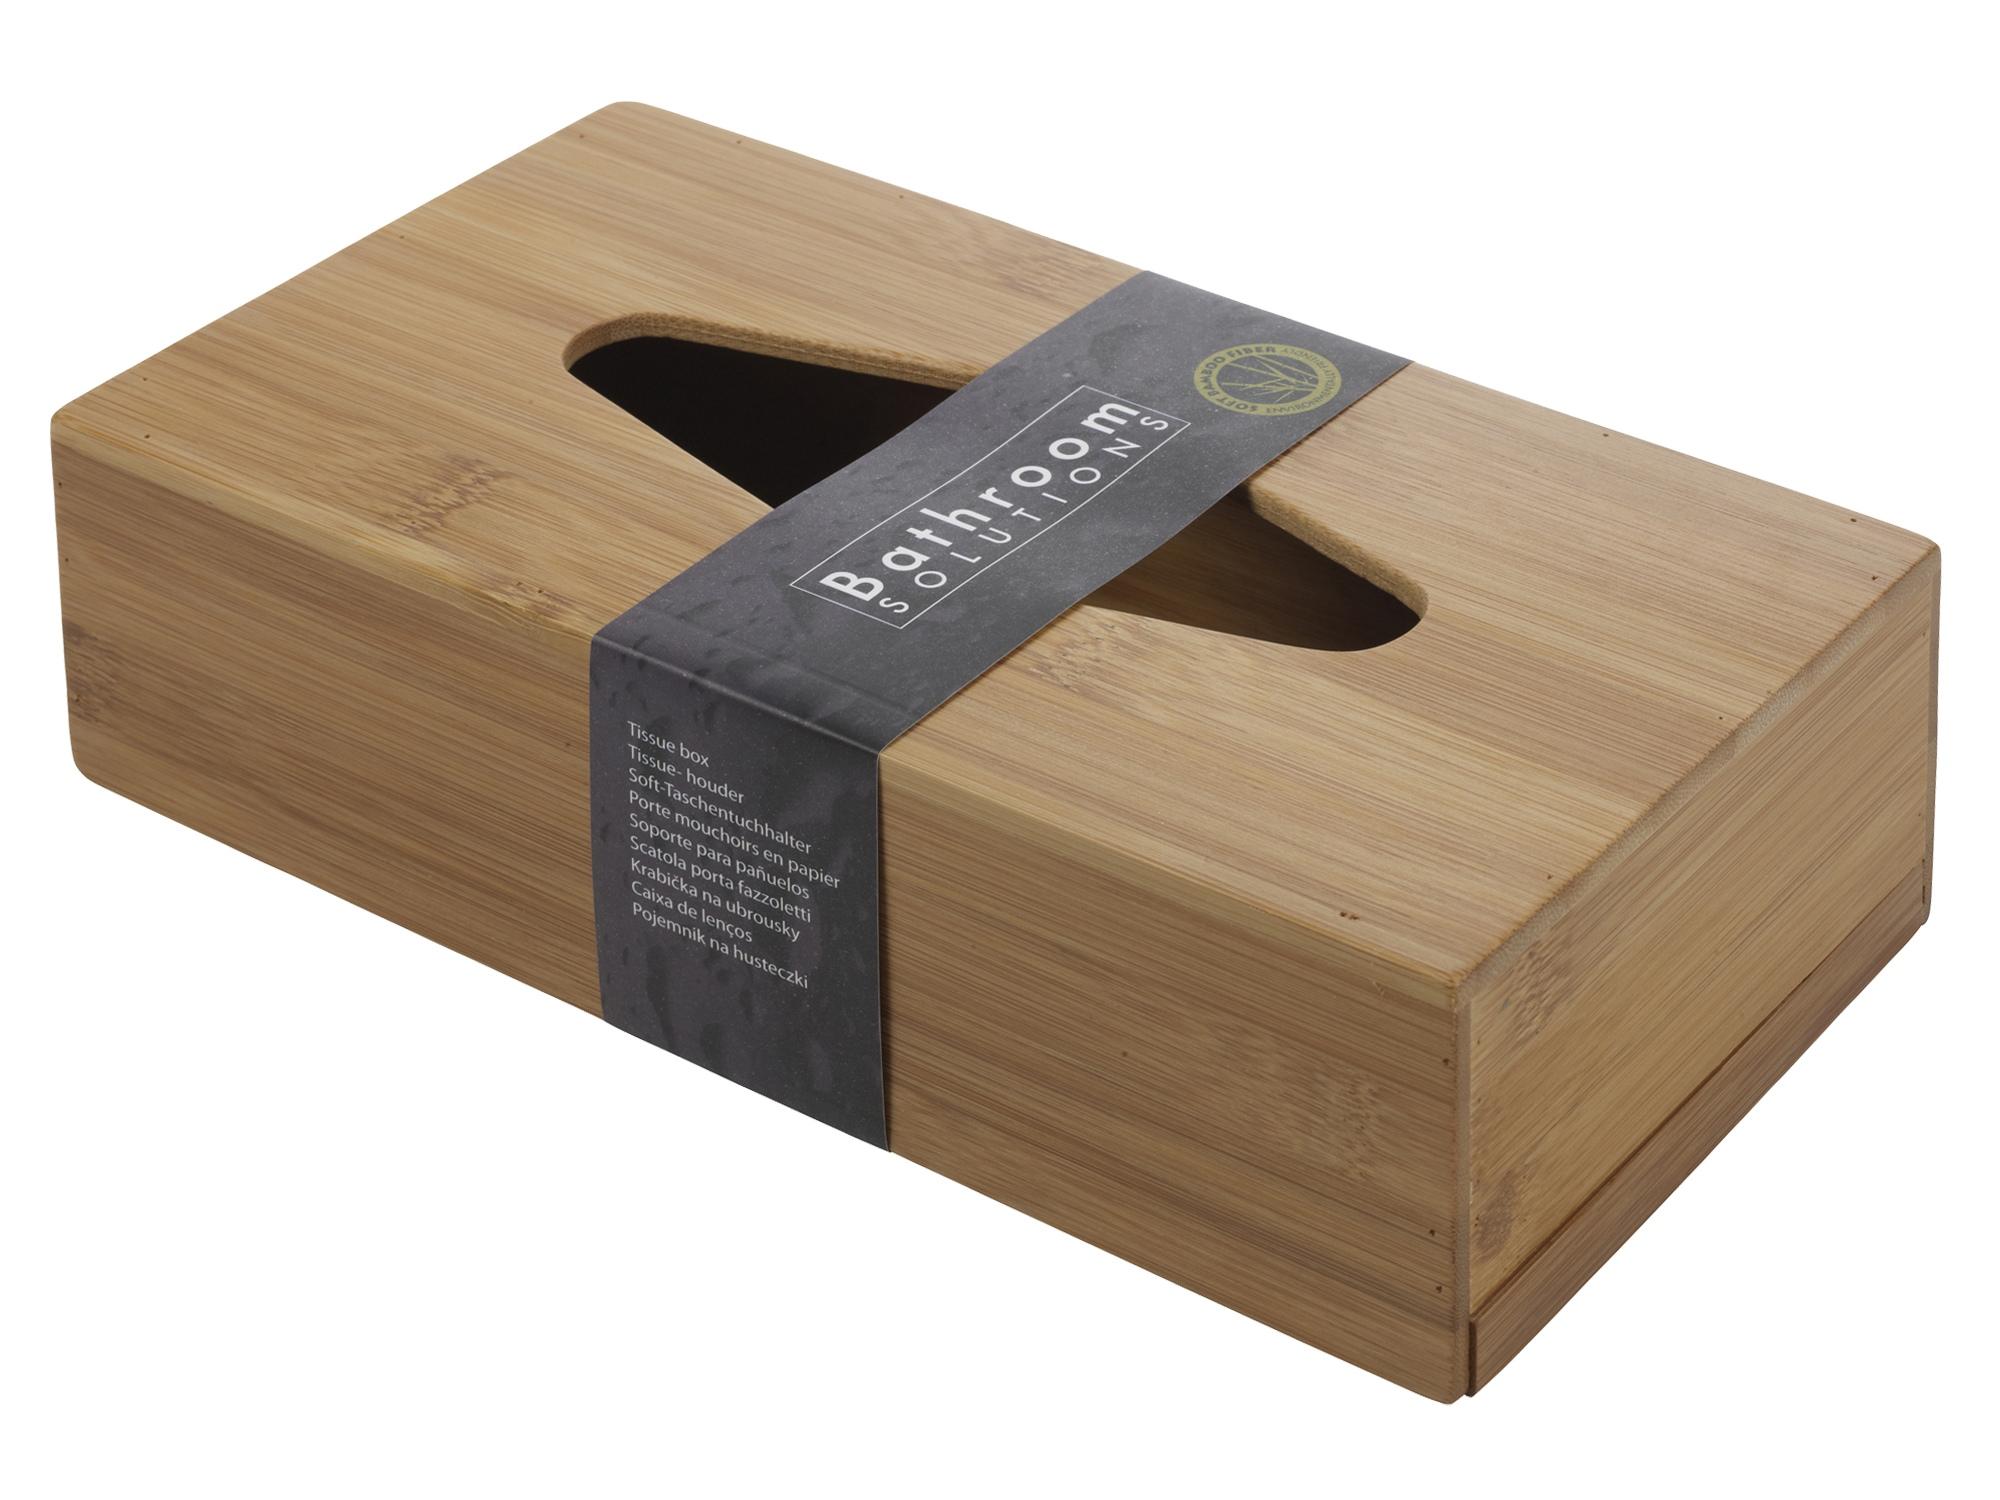 Bamboo wooden tissue box eco friendly sliding bottom rectangular kleenex holder ebay - Recessed facial tissue dispenser ...